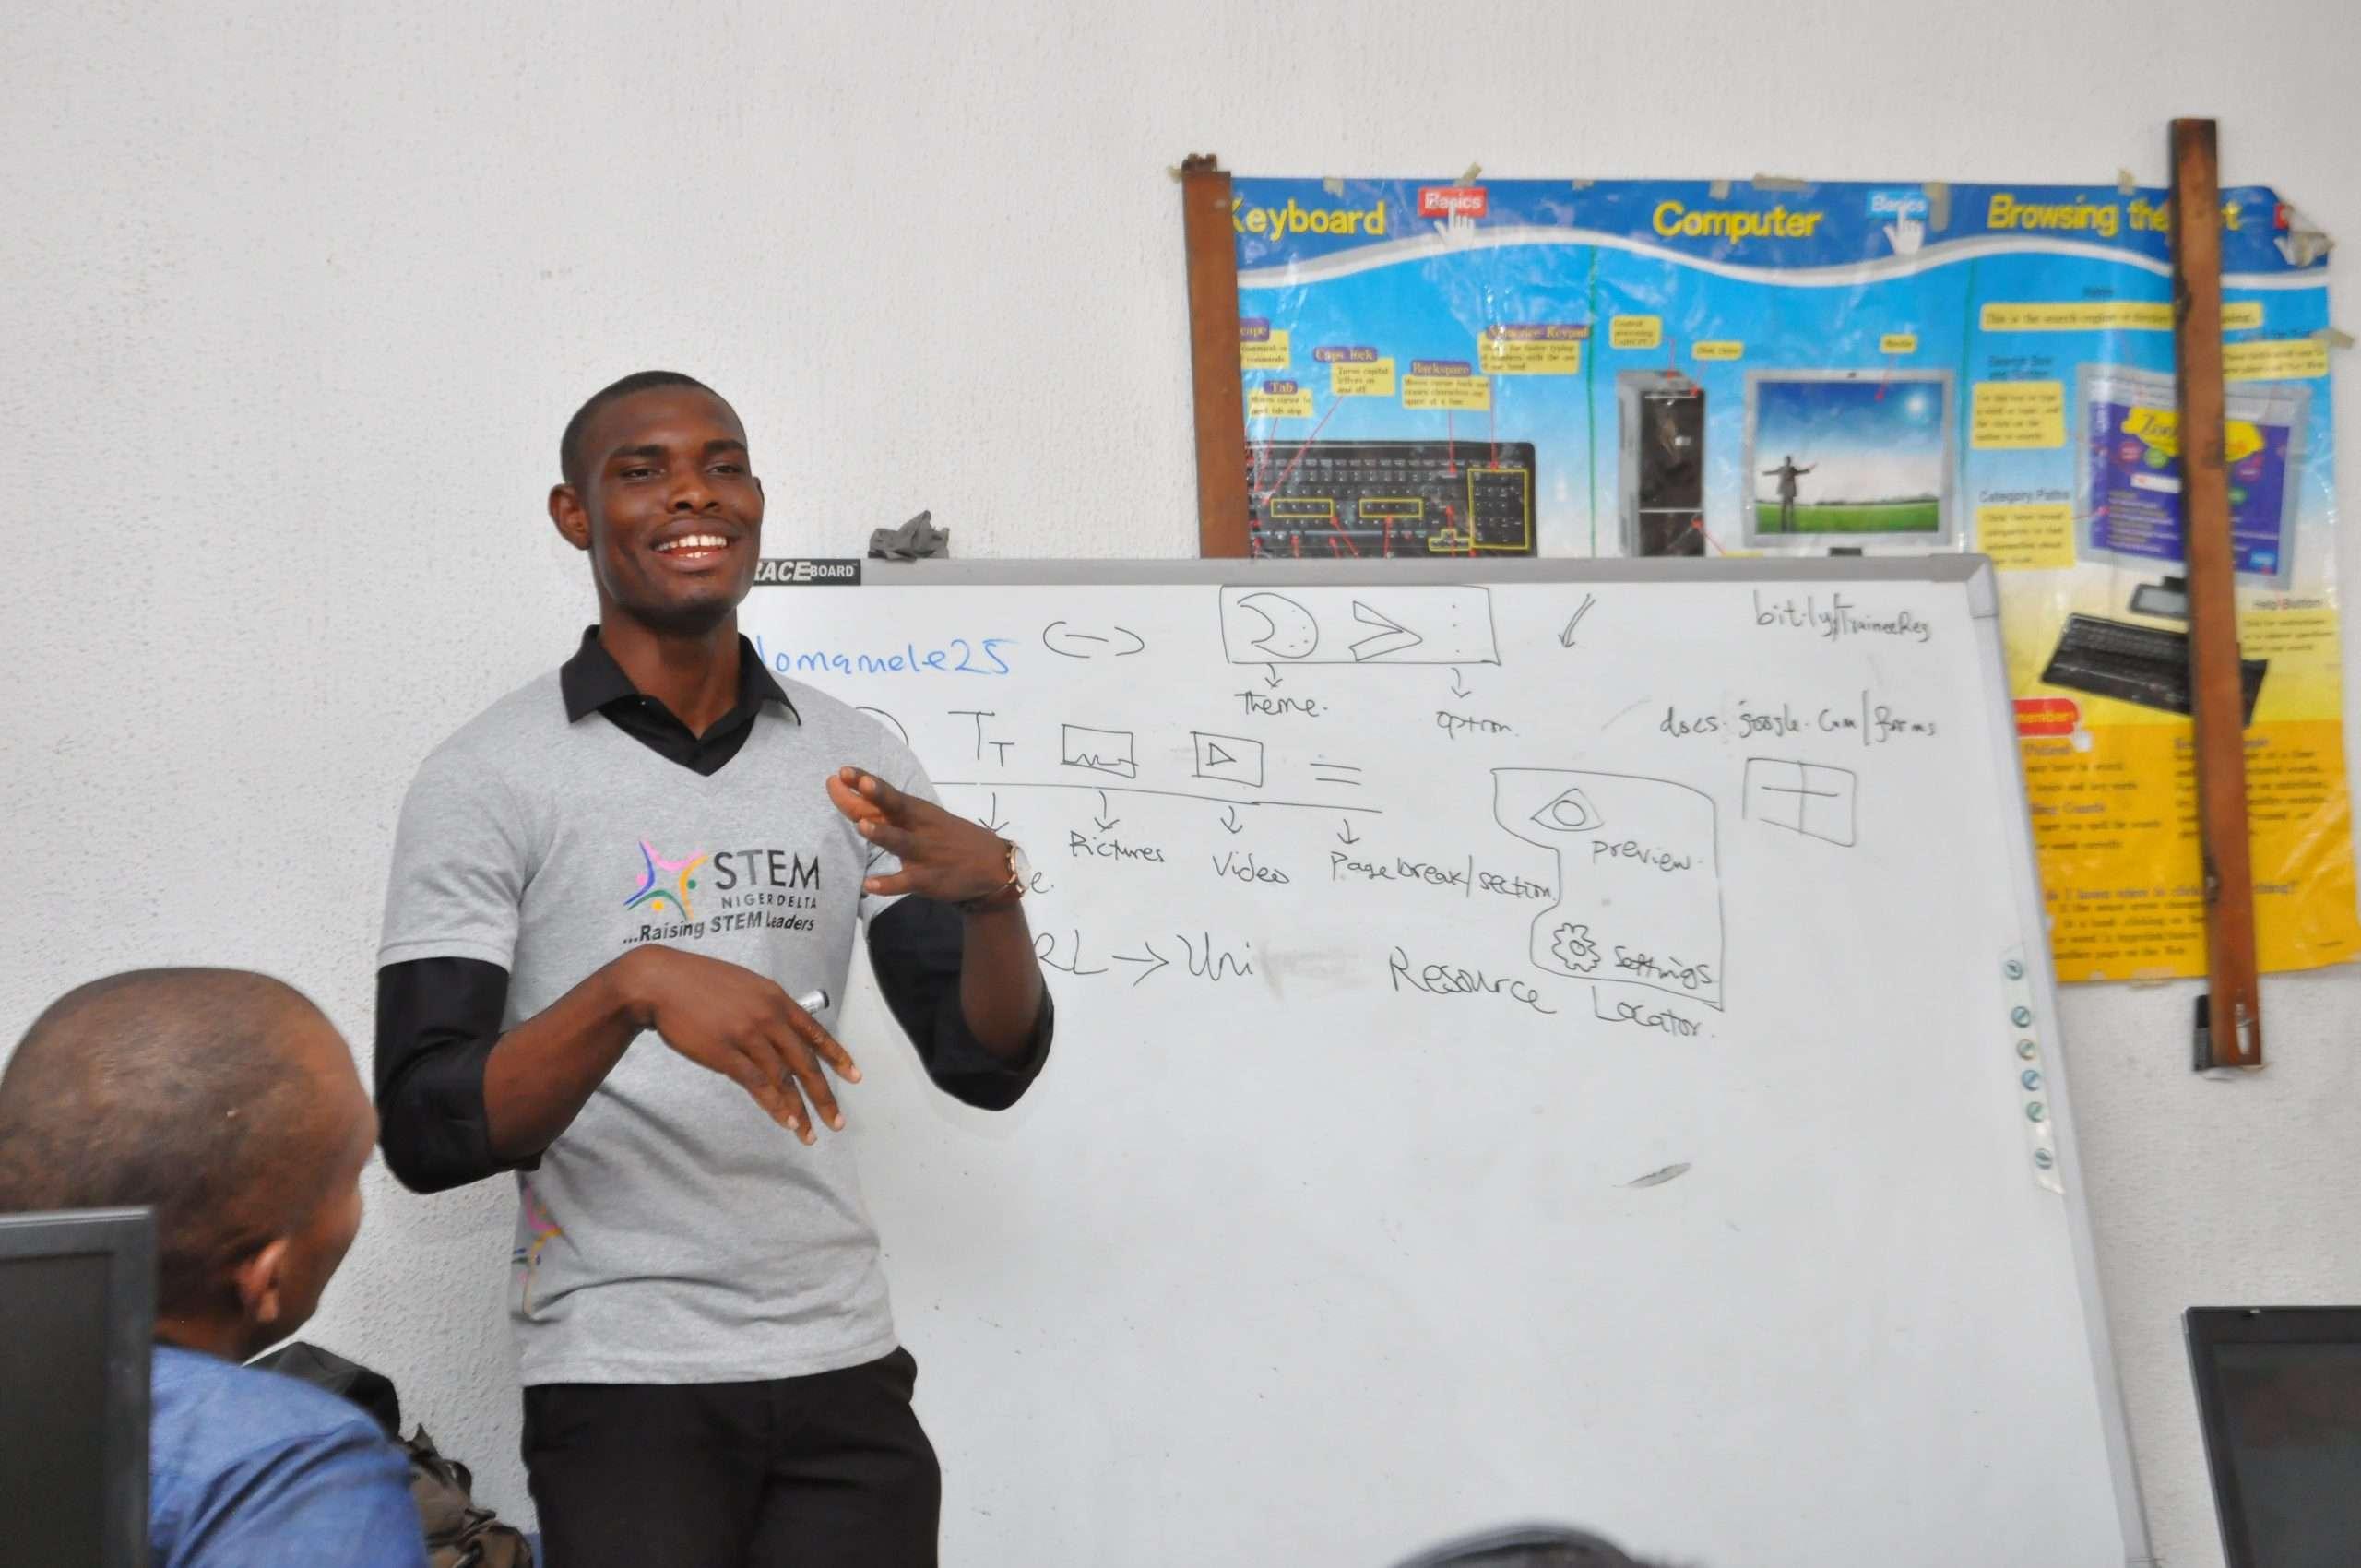 STEM Professionals Director